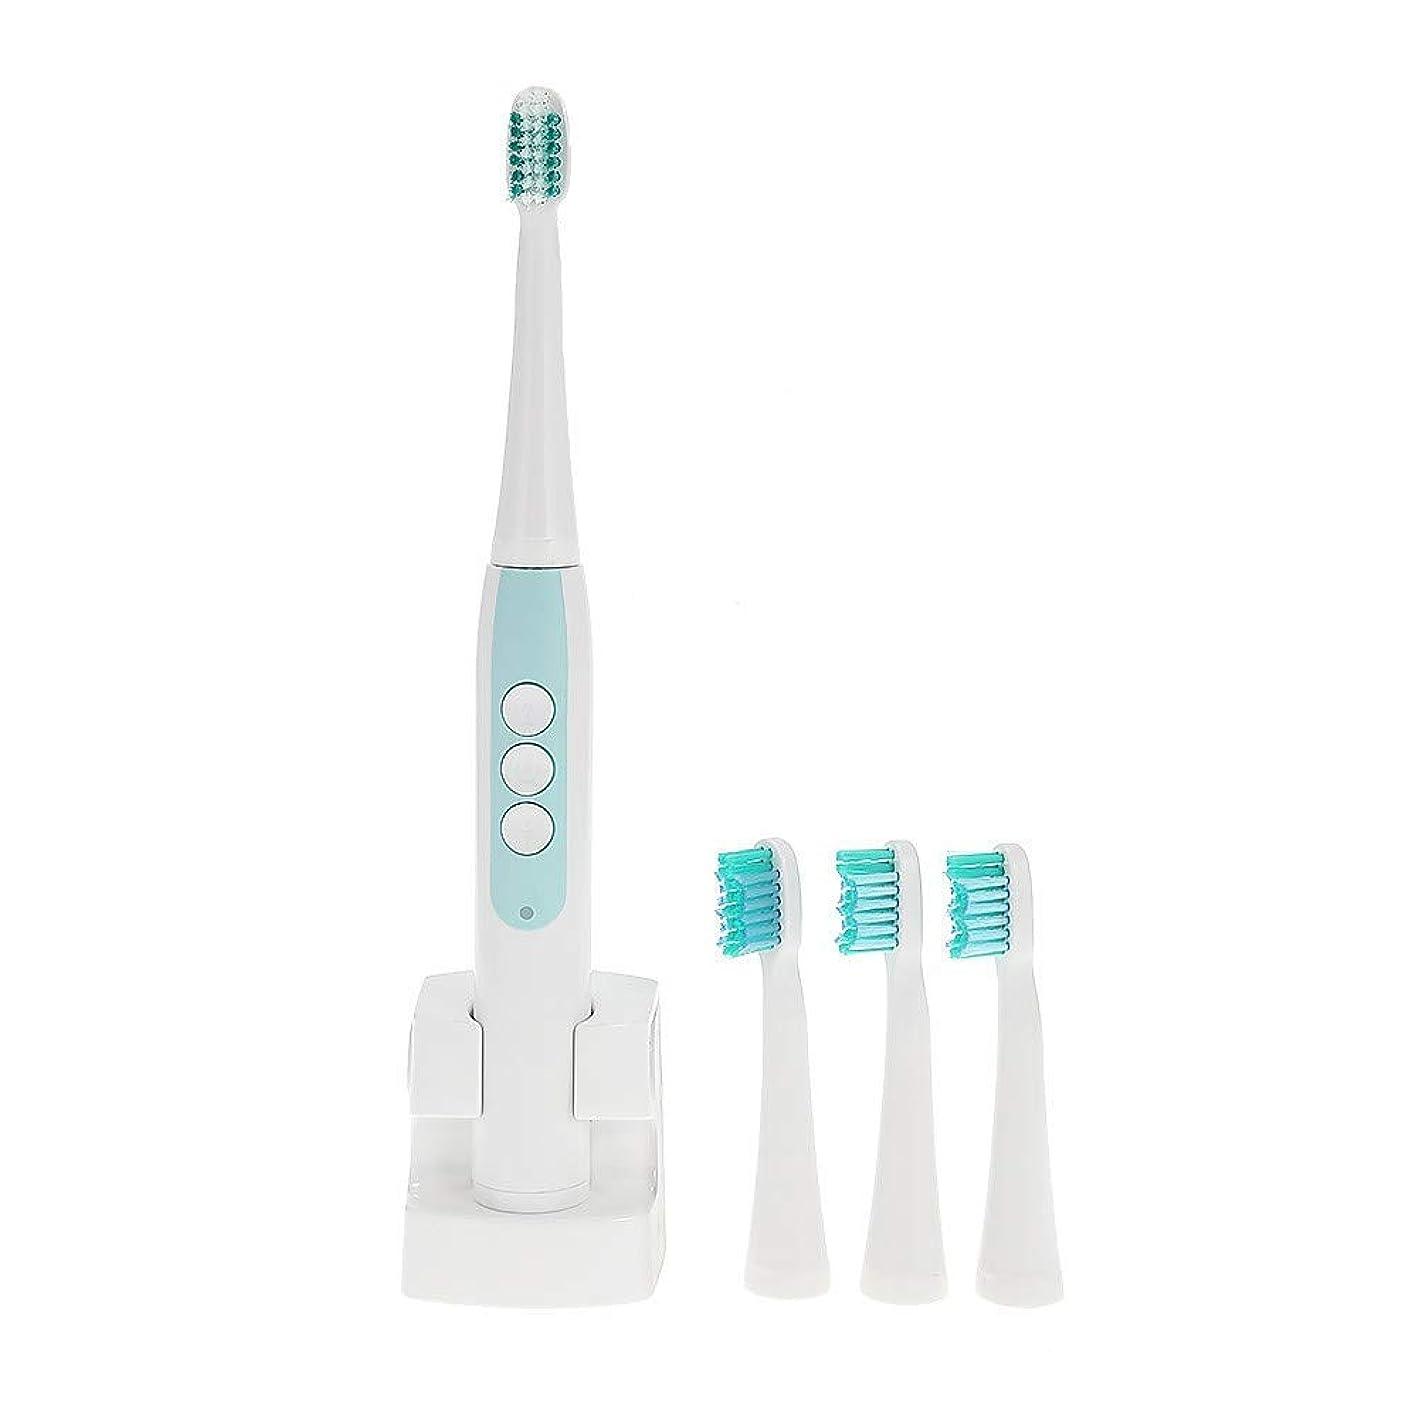 標準少ない滑りやすい電動歯ブラシ大人のための超音波自動電気防水歯ブラシ歯ブラシヘッド電動歯ブラシ交換